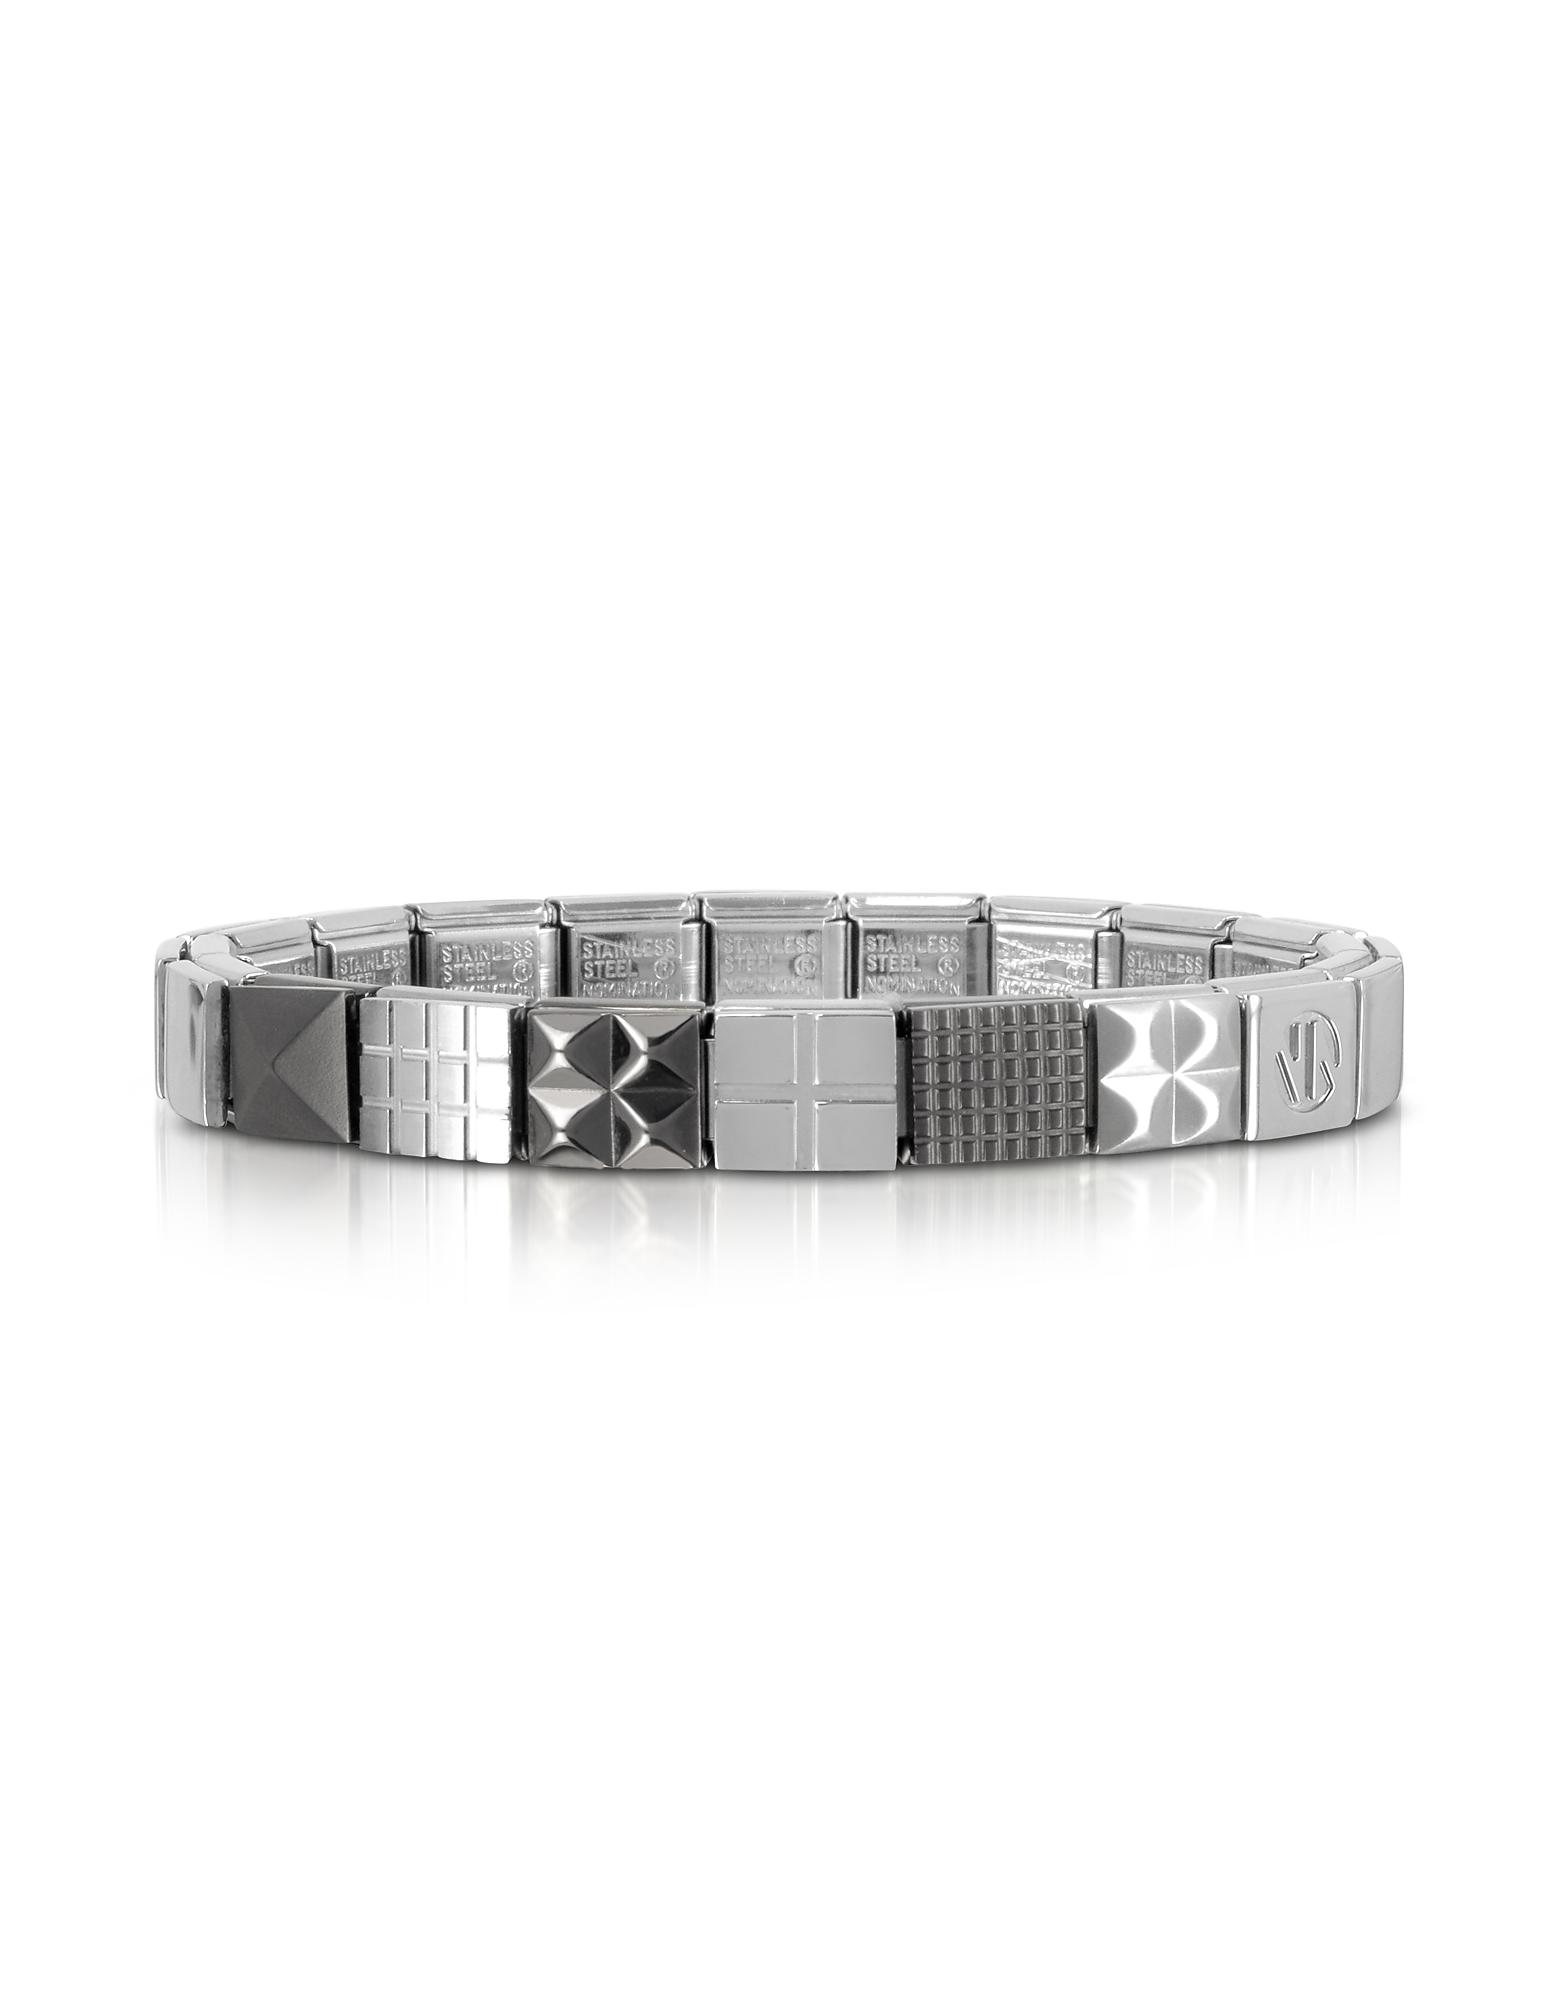 Steel Ikons - Браслет из Матовой и Полированной Нержавеющей Стали